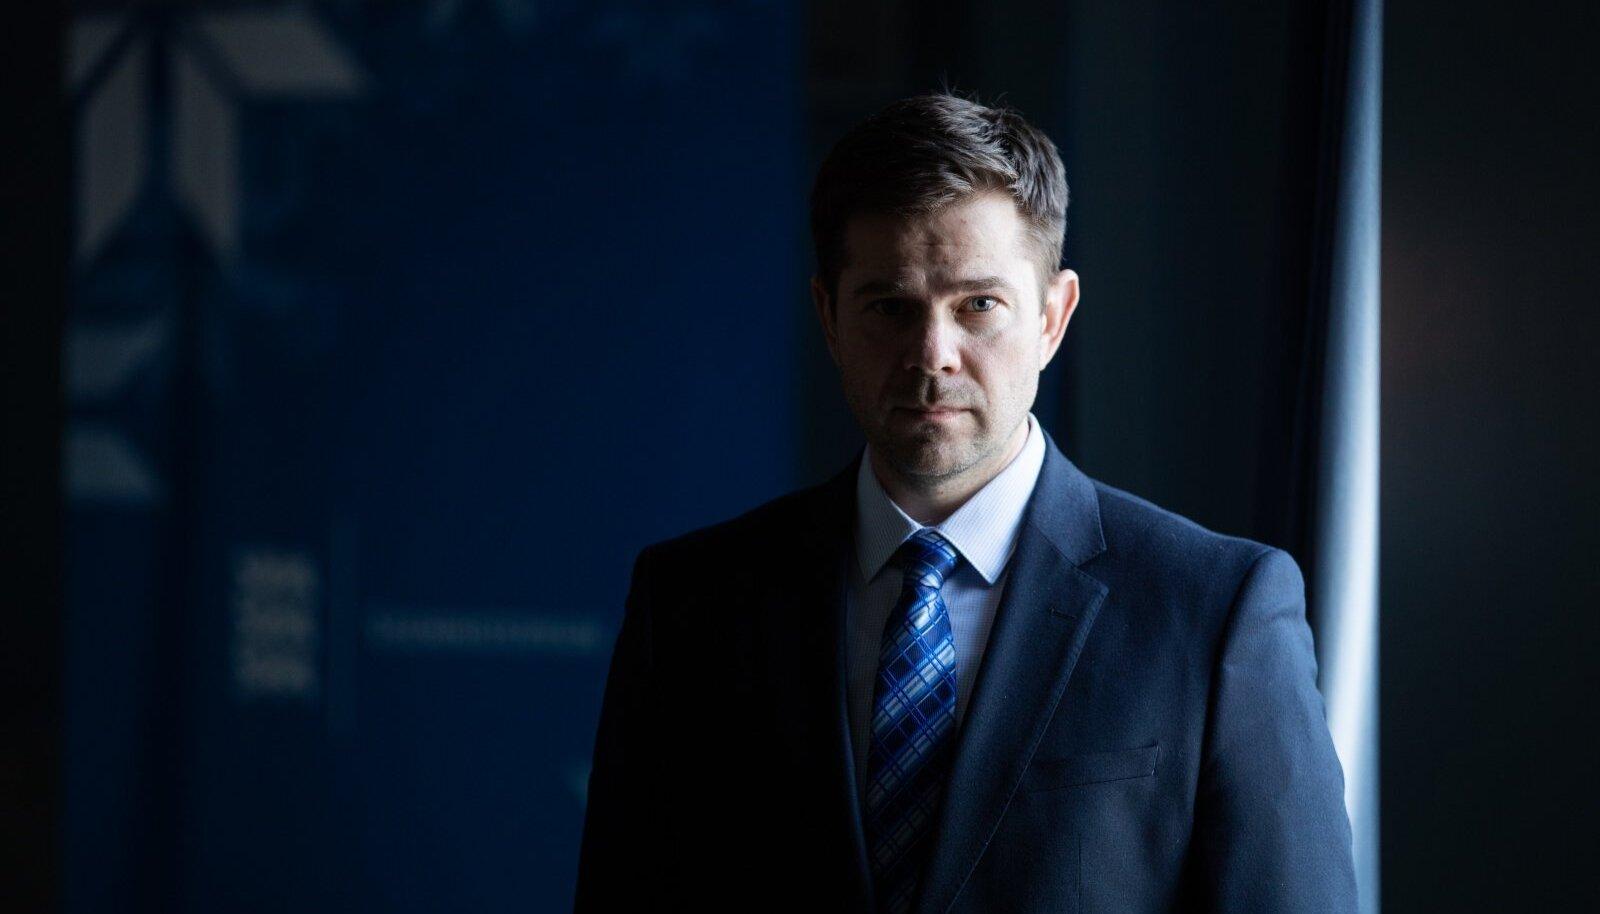 Siseminister Kristian Jaani tunnistab, et politseinikuamet on temas veel nii tugevalt sees, et kohe Keskerakonda astumiseks pole ta veel valmis. Aga varem või hiljem ta parteiga liitub.